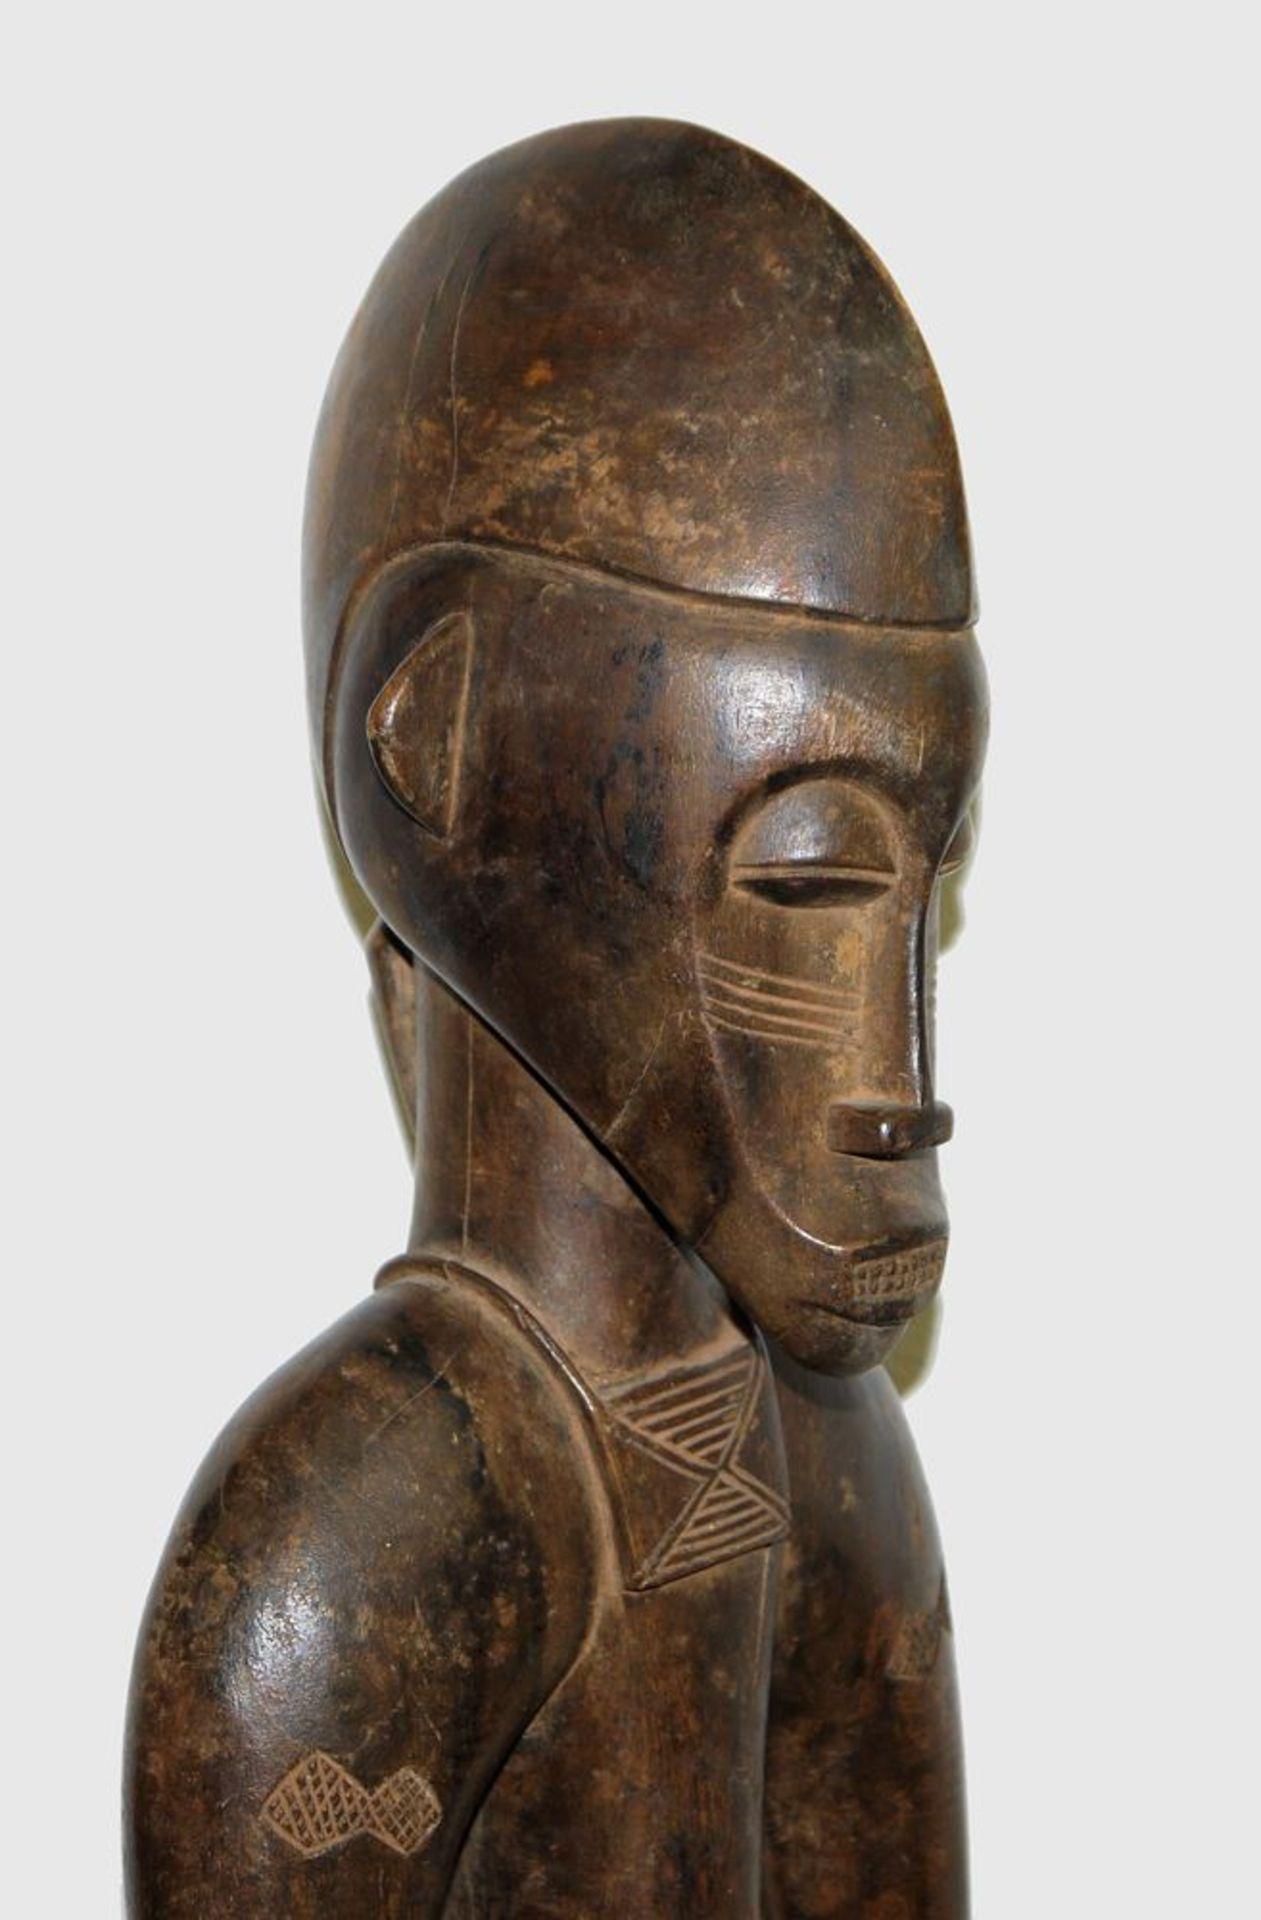 """Rhythmus-Stampfer """"Siibele"""" der Senufo, Mali/Elfenbeinküste - Bild 2 aus 3"""